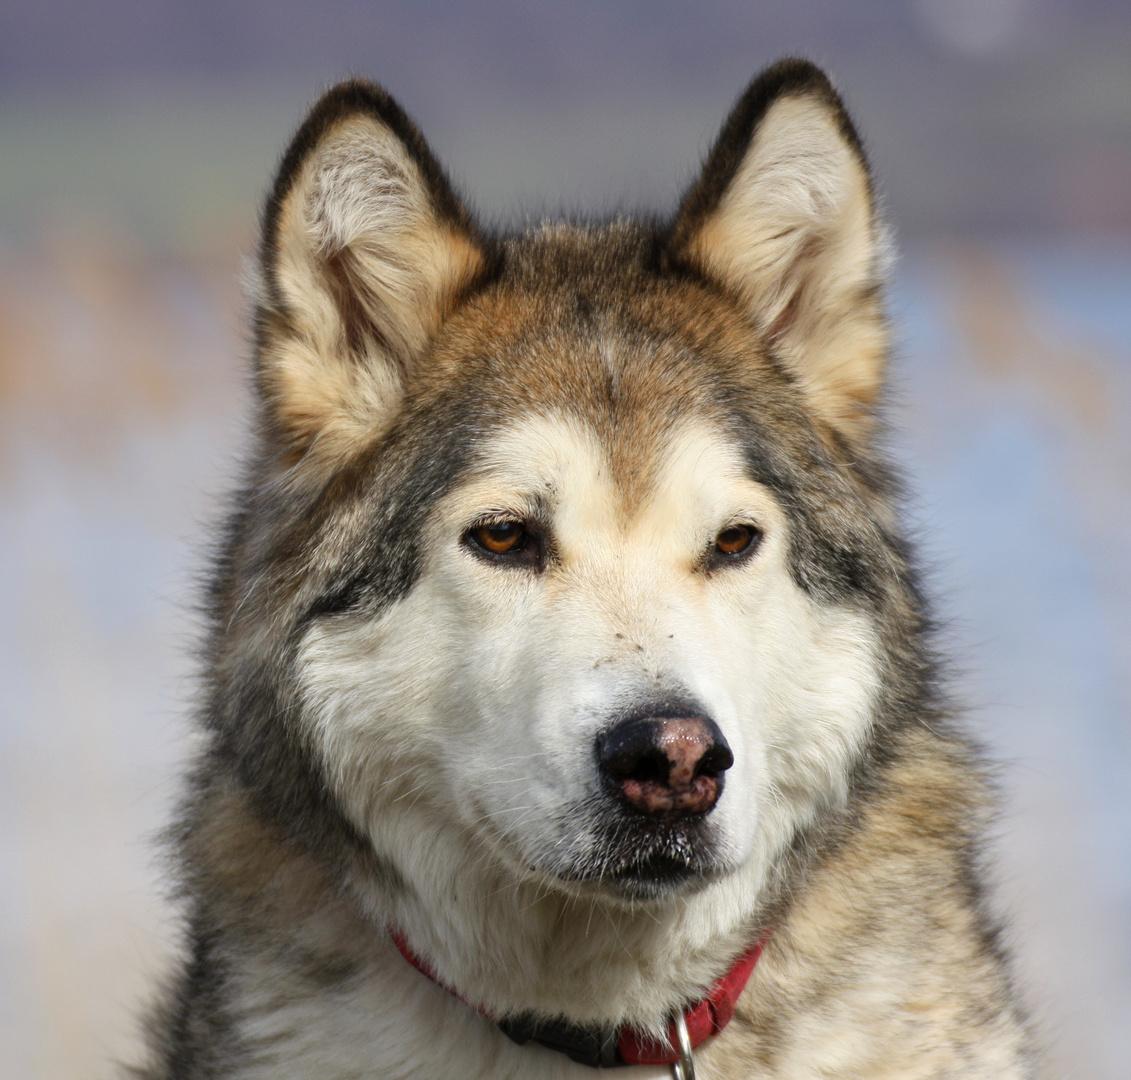 sinnierender Hund